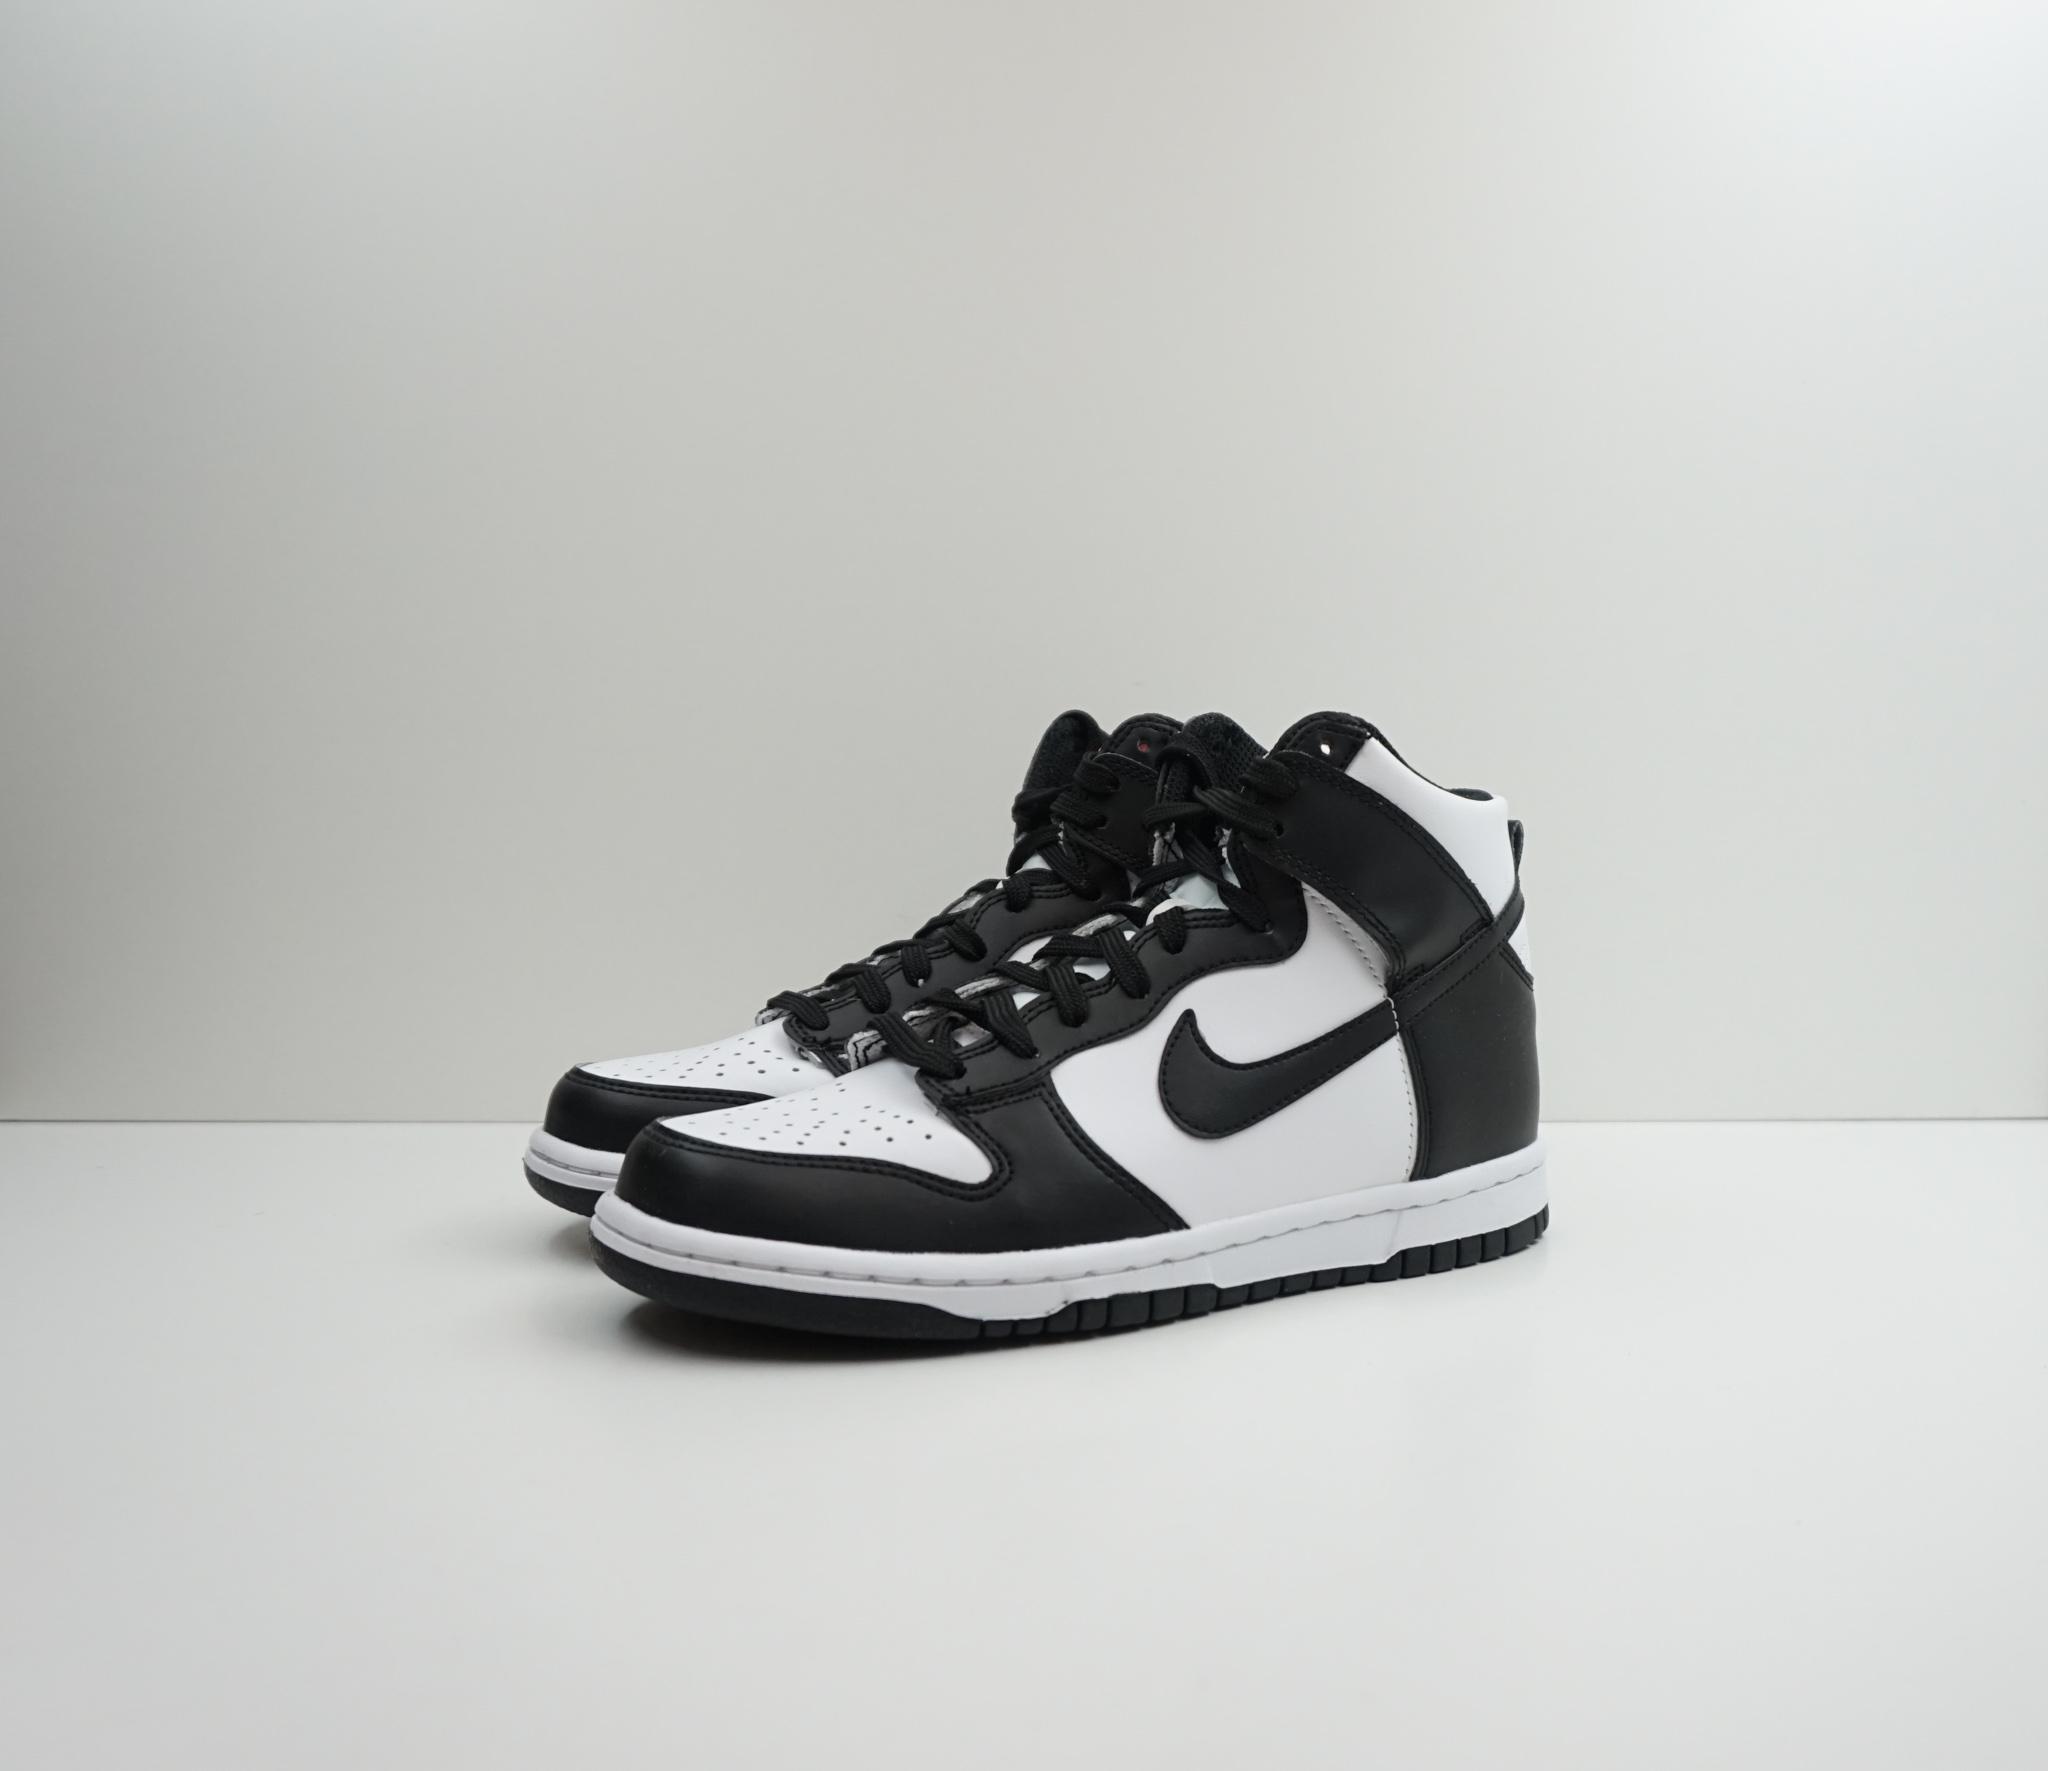 Nike Dunk High Panda GS (2021)